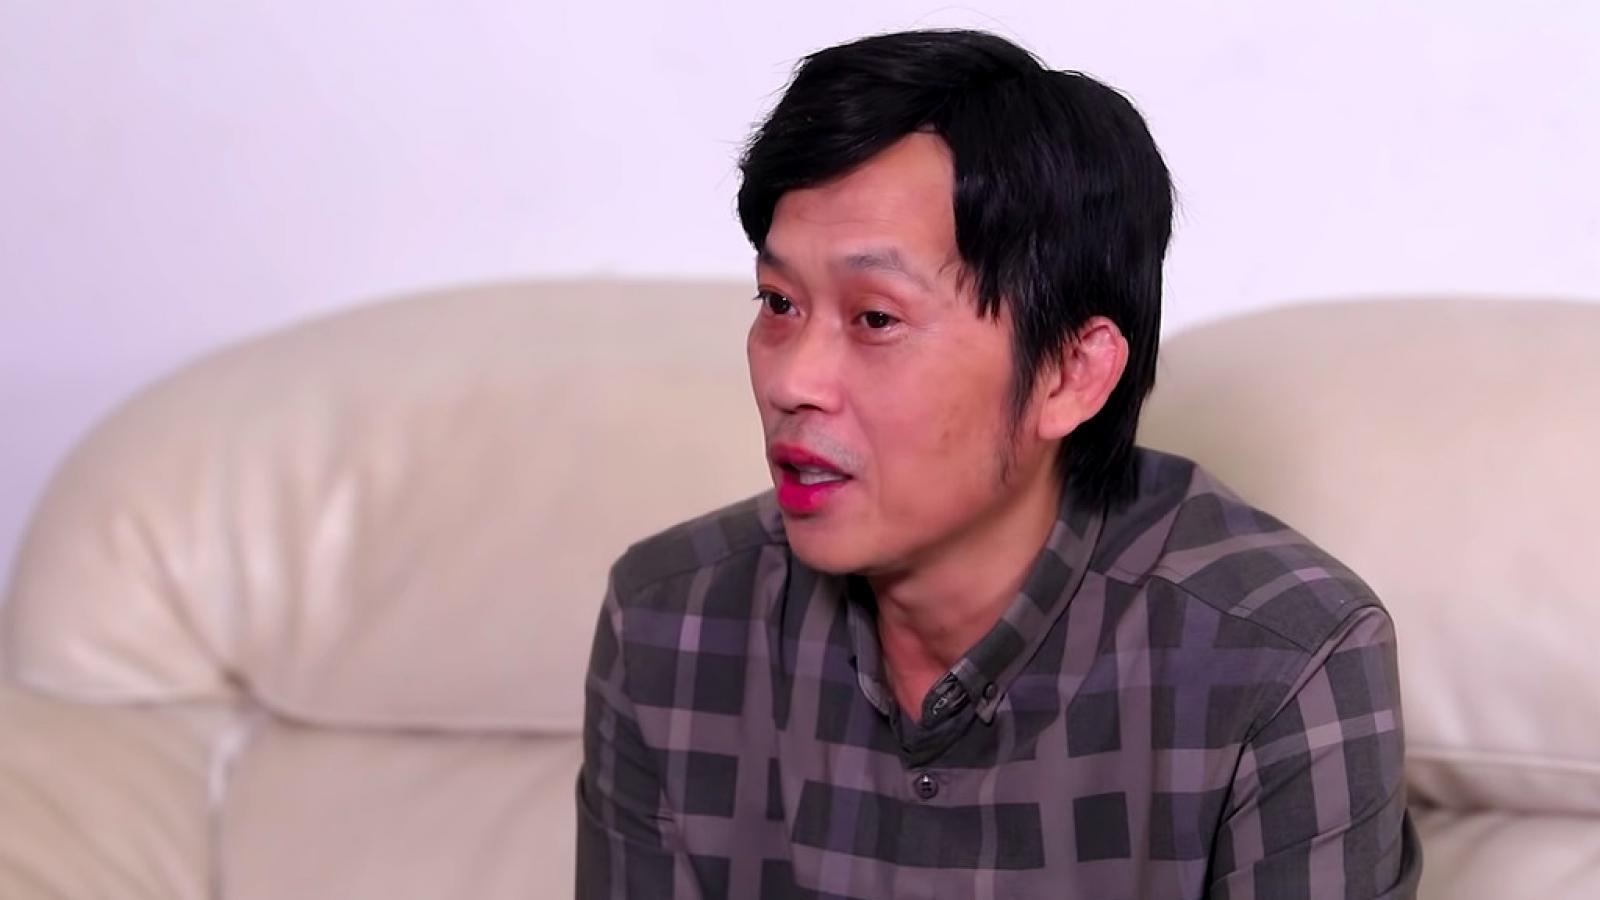 Chuyện showbiz: Khán giả yêu cầu Hoài Linh công khai bằng chứng giải ngân tiền từ thiện